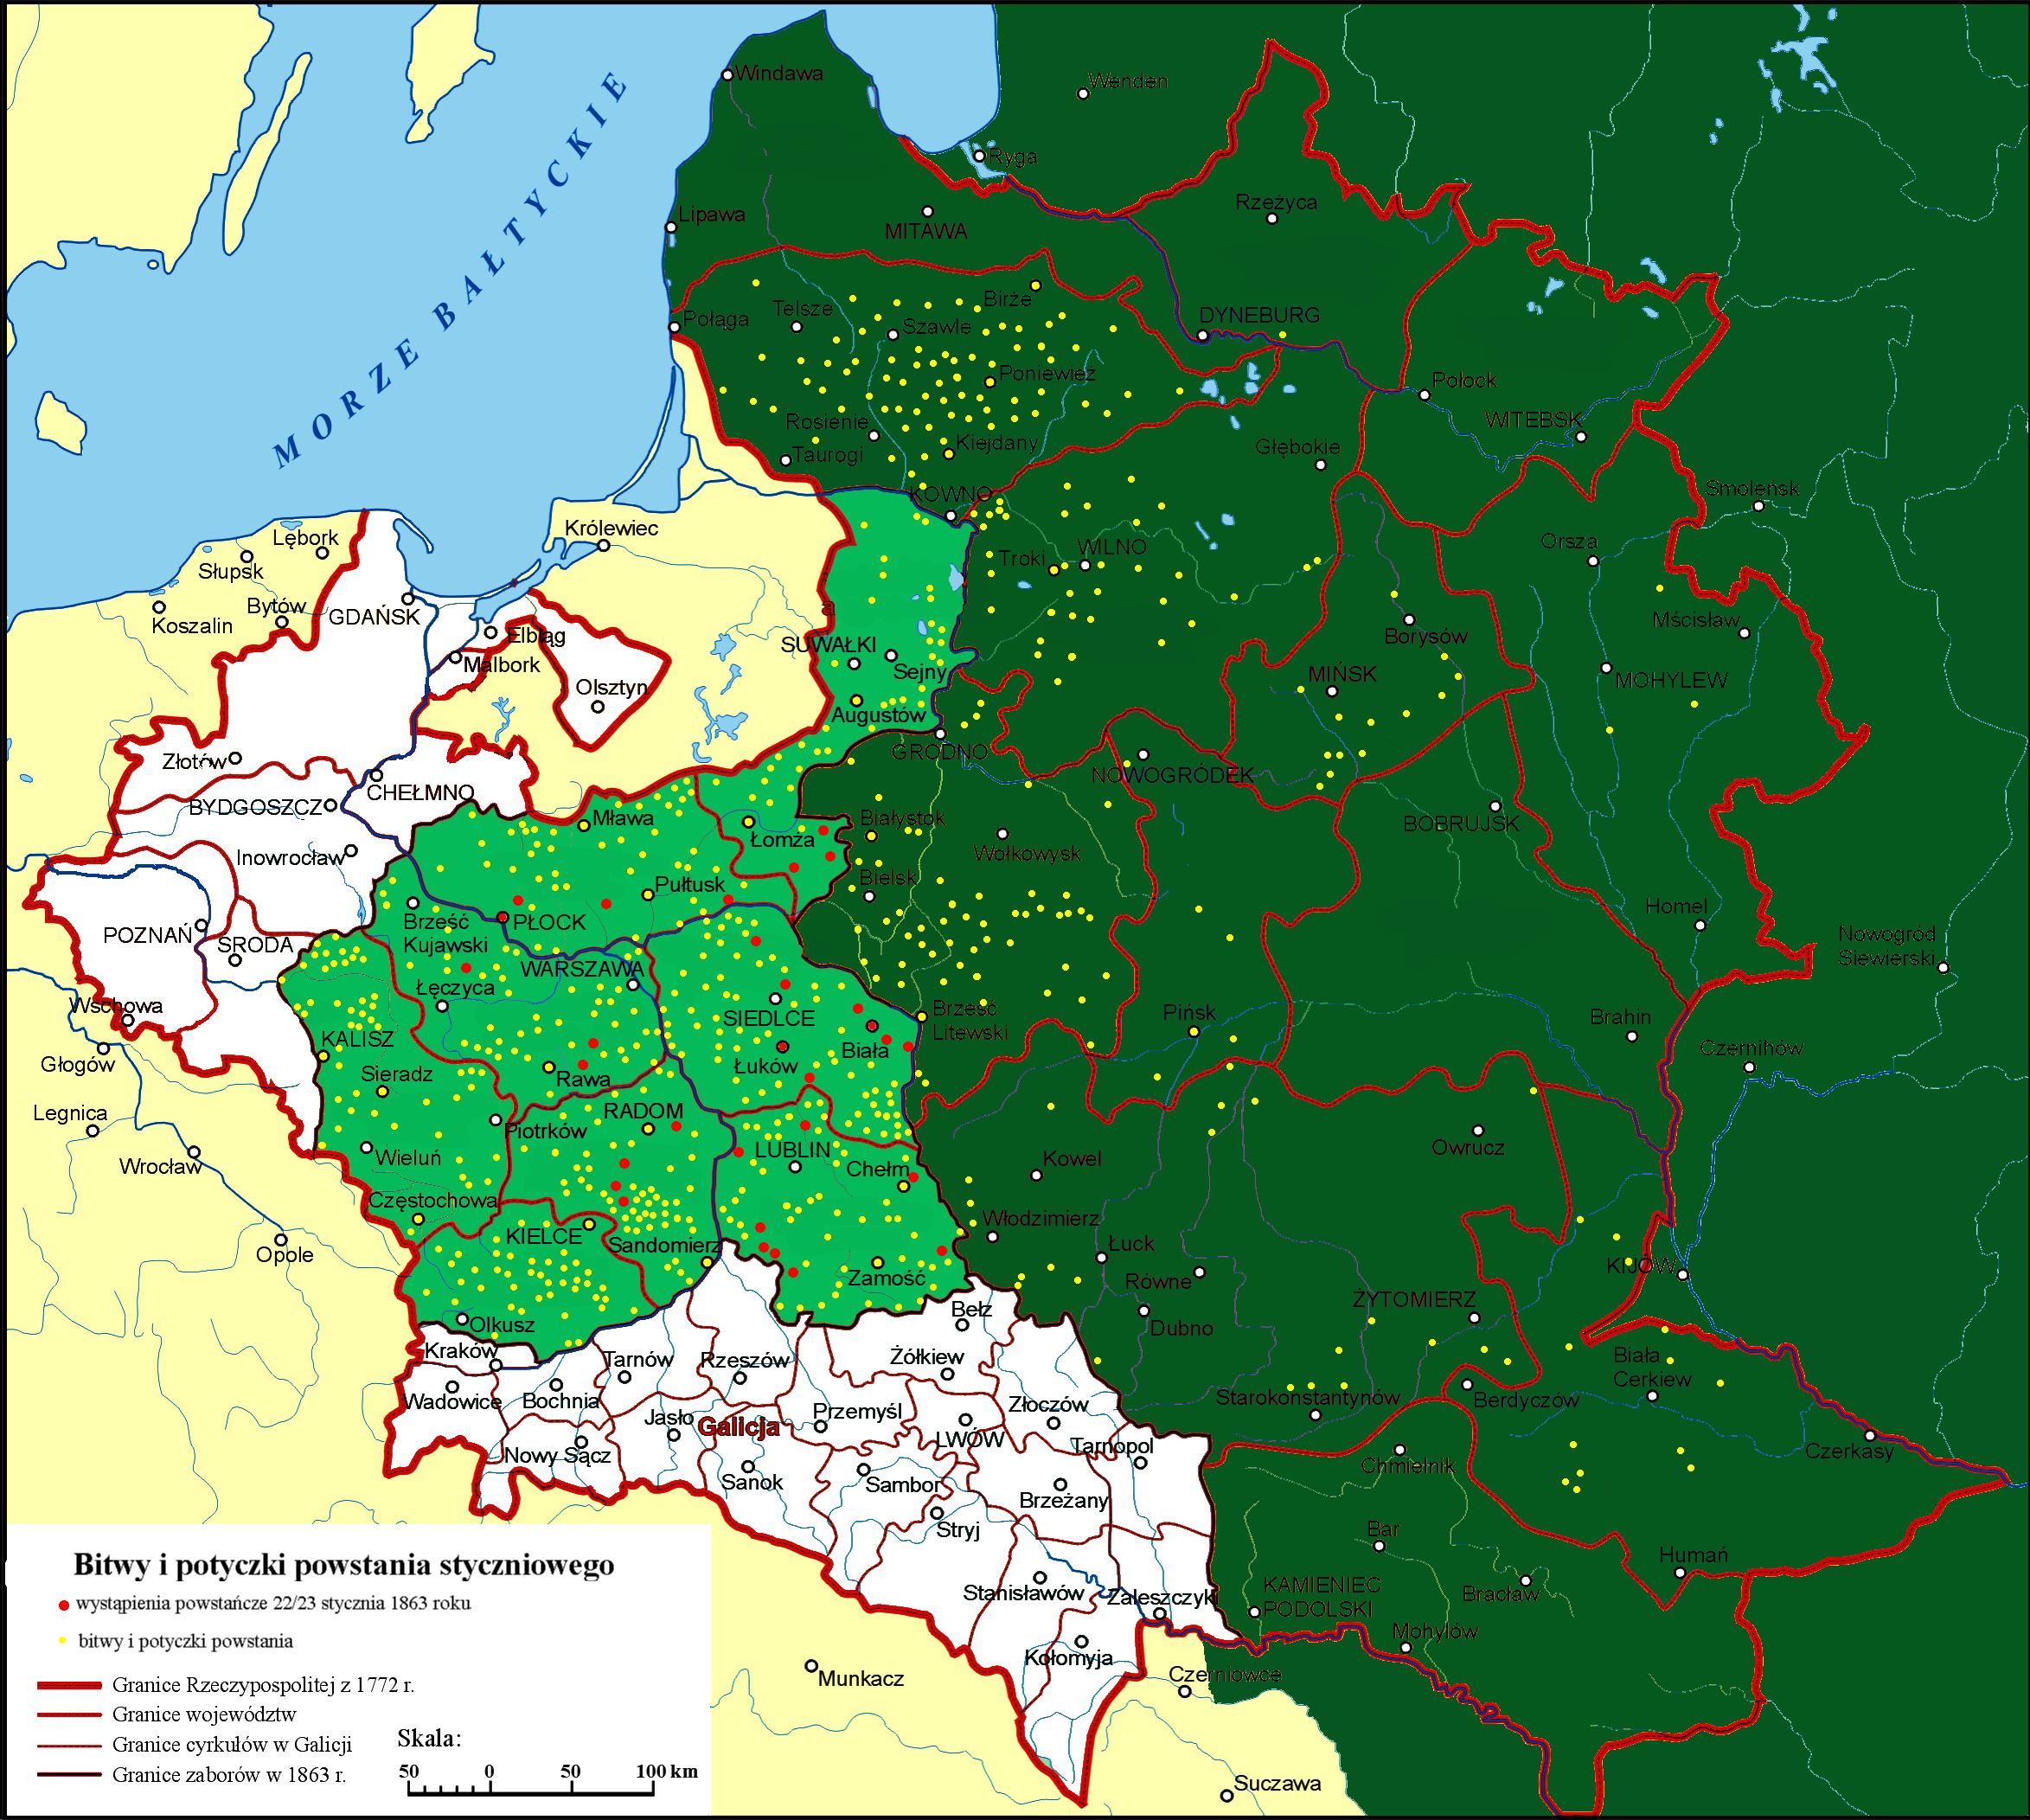 немецкий атлас истории польши изд 1848 года